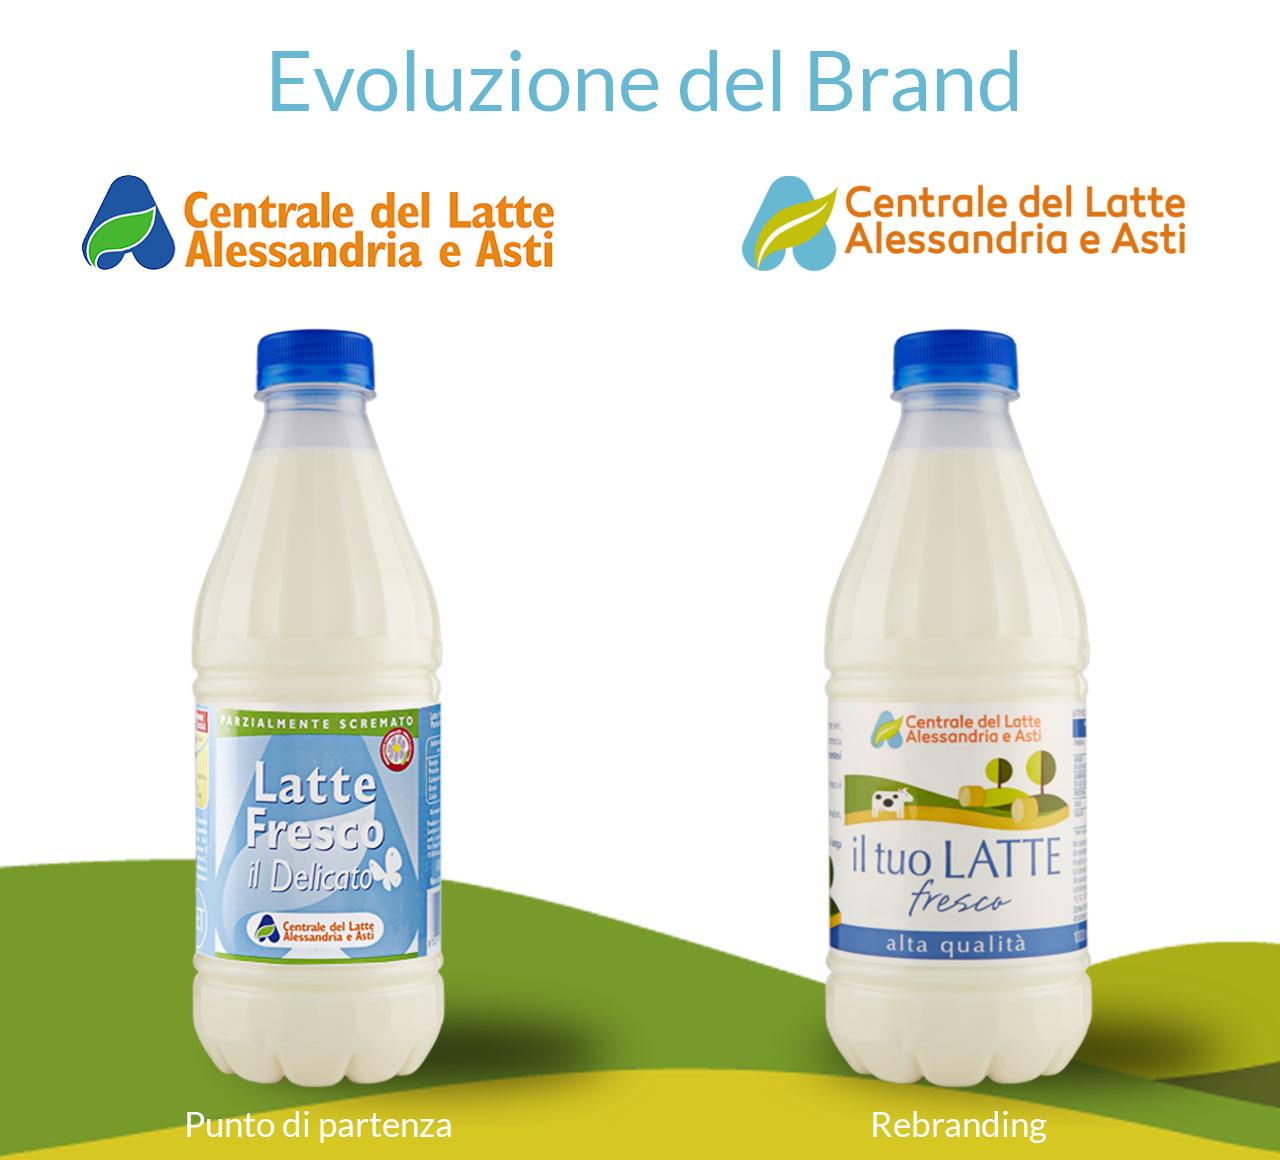 Centrale del Latte di Alessandria e Asti Brand Identity